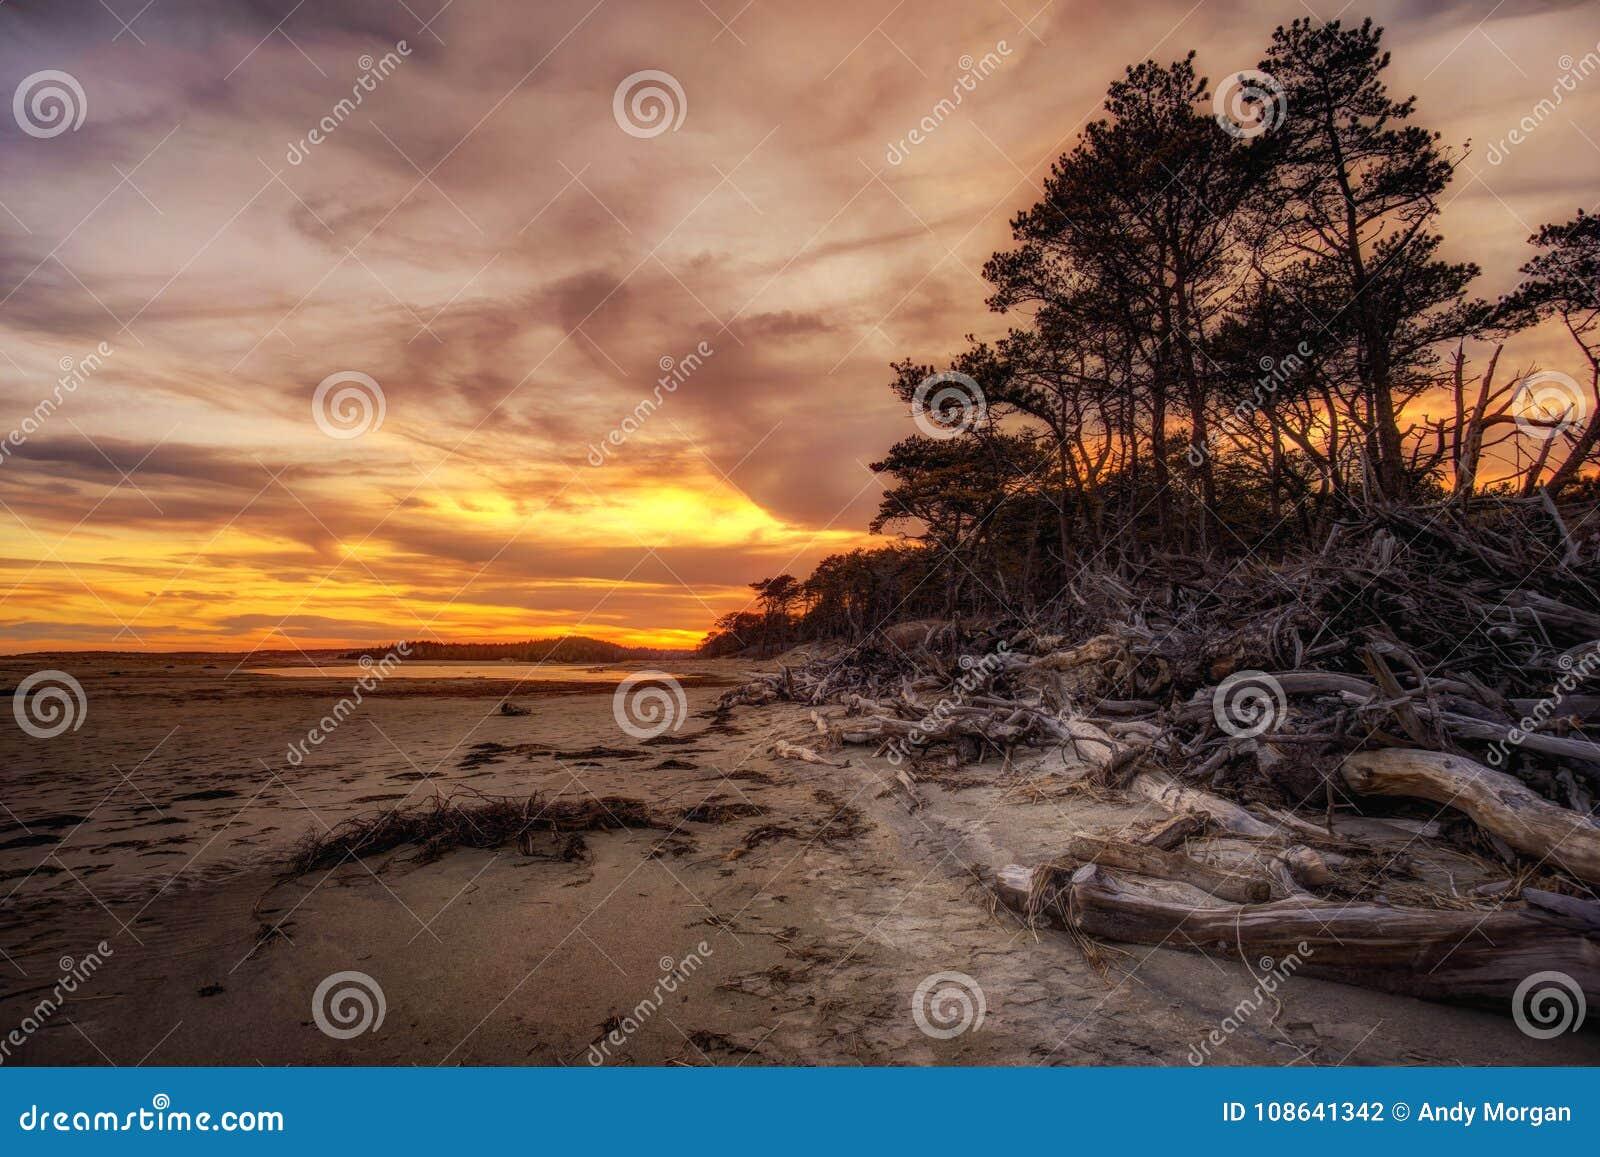 Pini e spiaggia del legname galleggiante